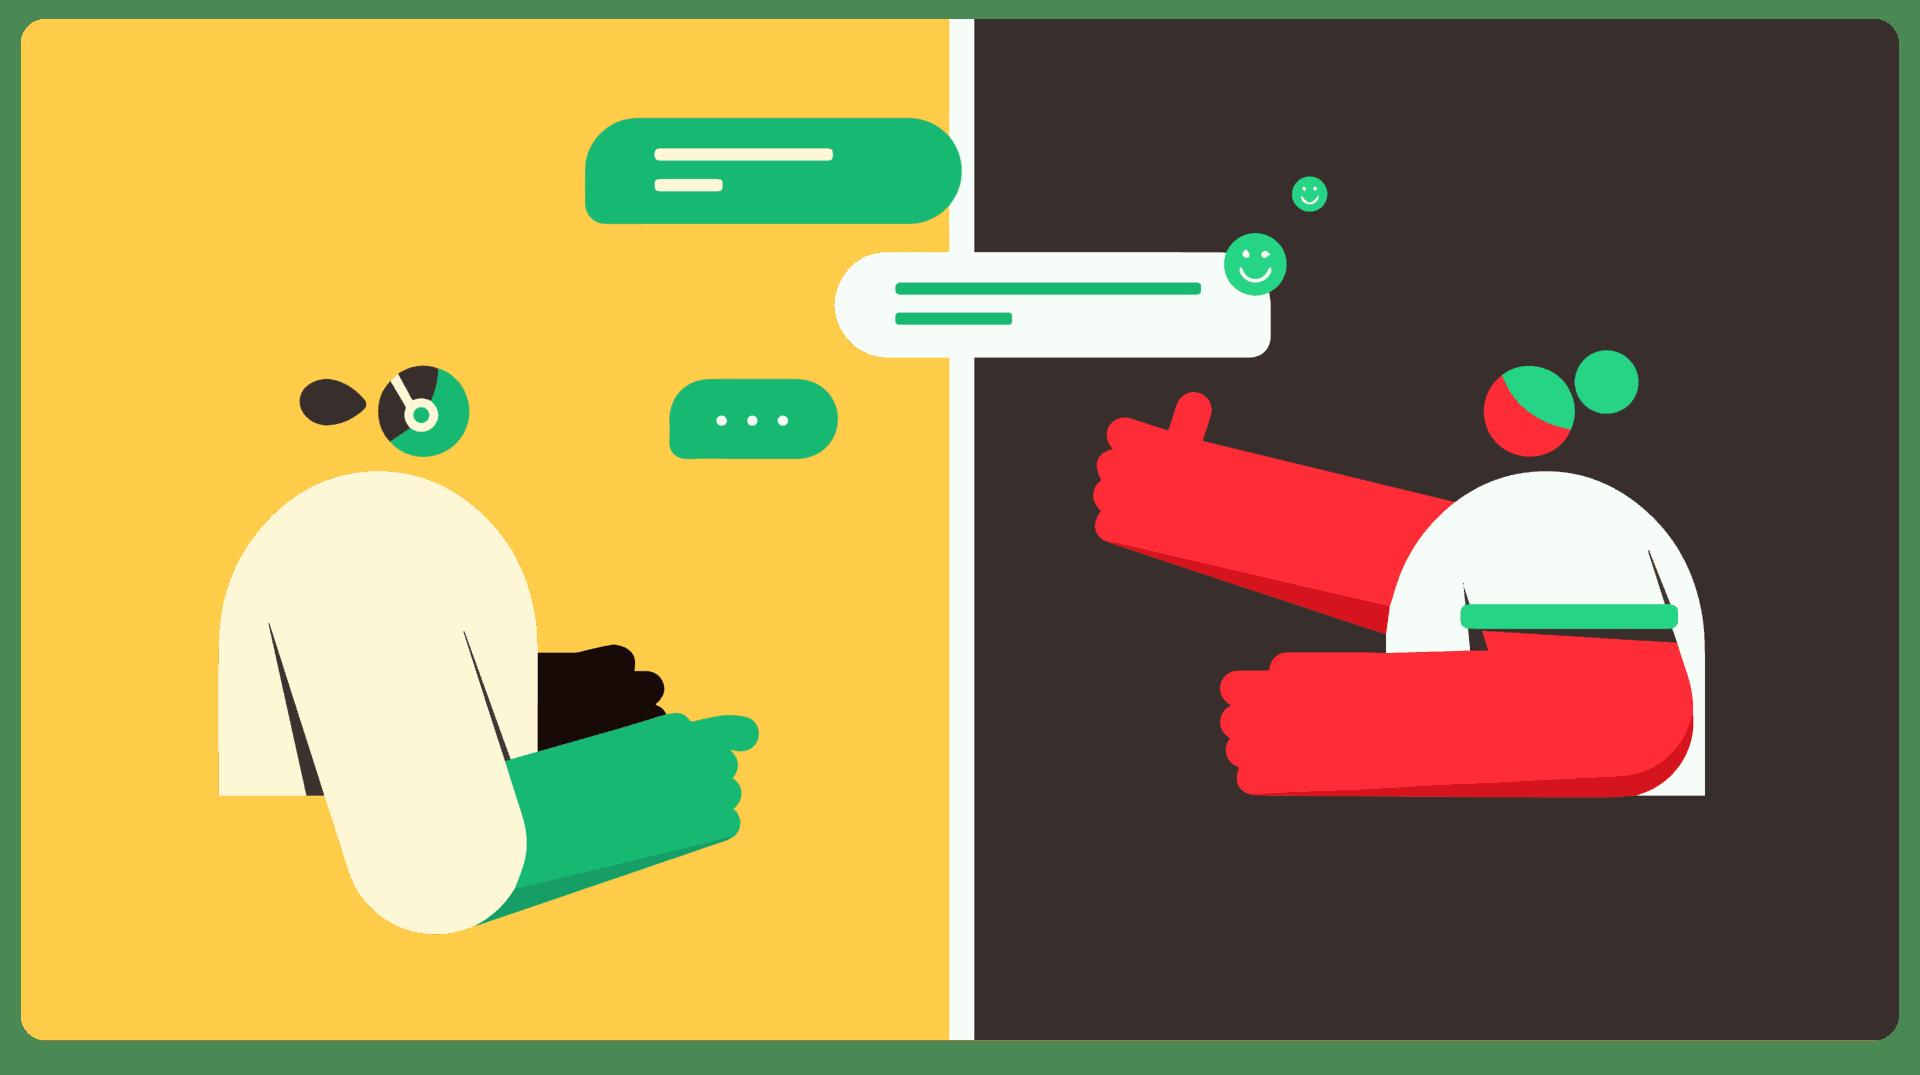 Klantenservice klant contact